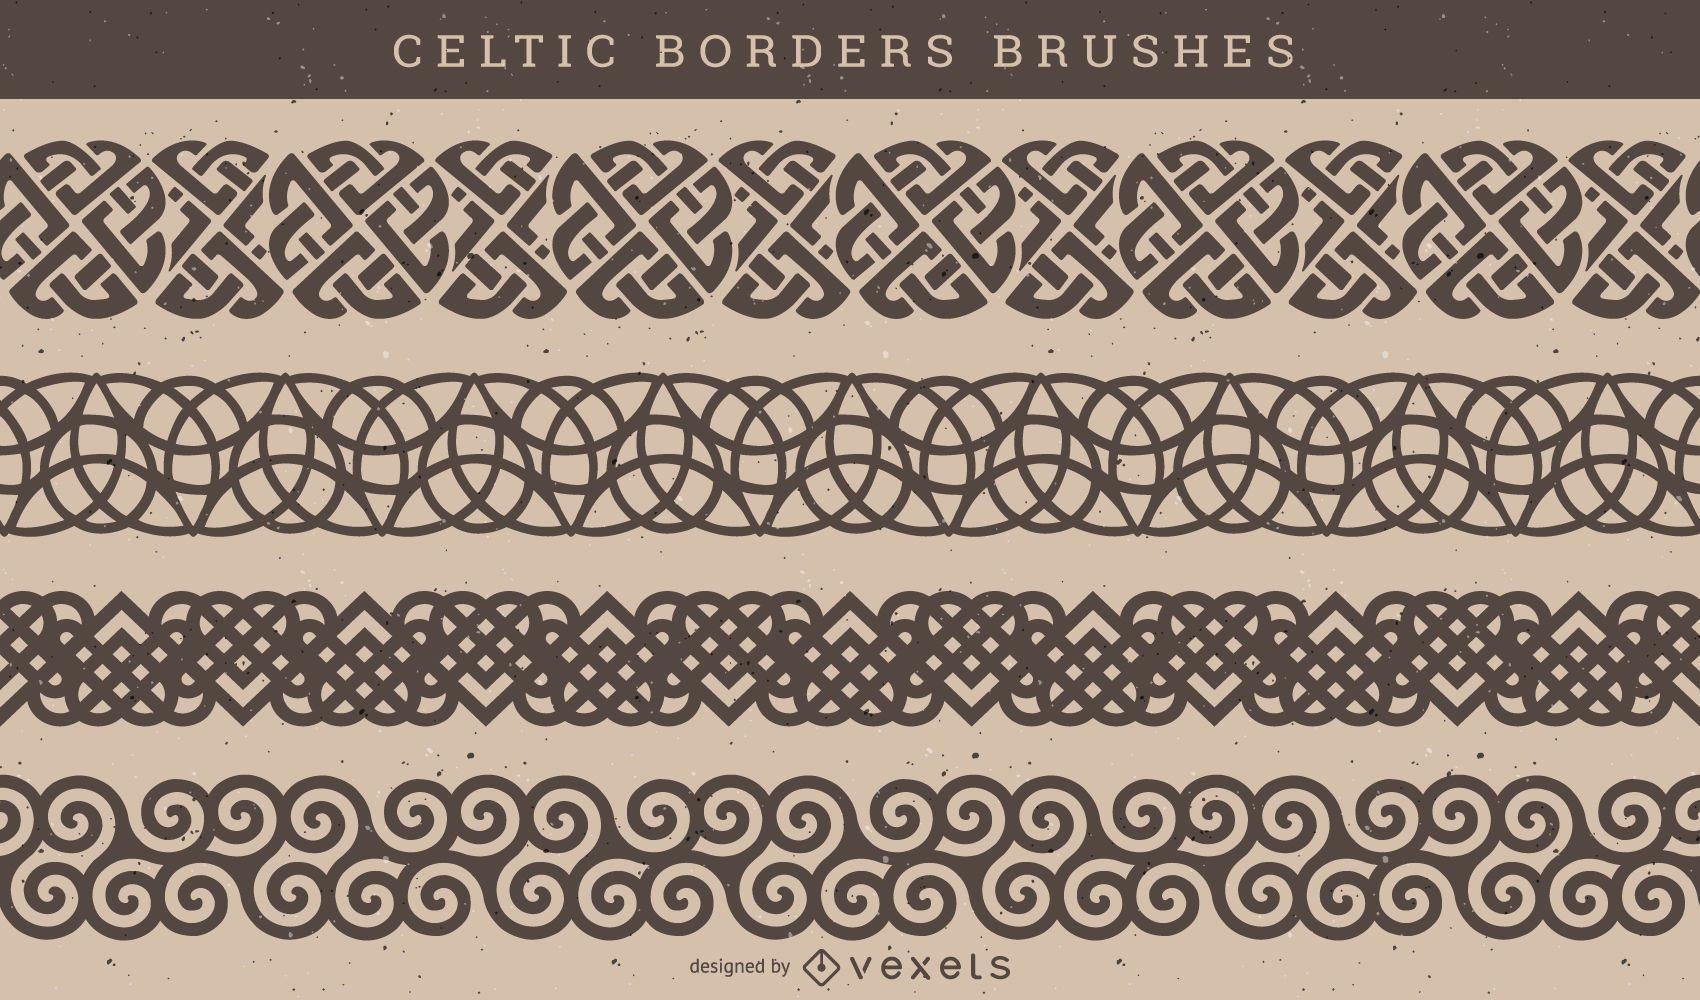 Celtic Pattern Brush Vector